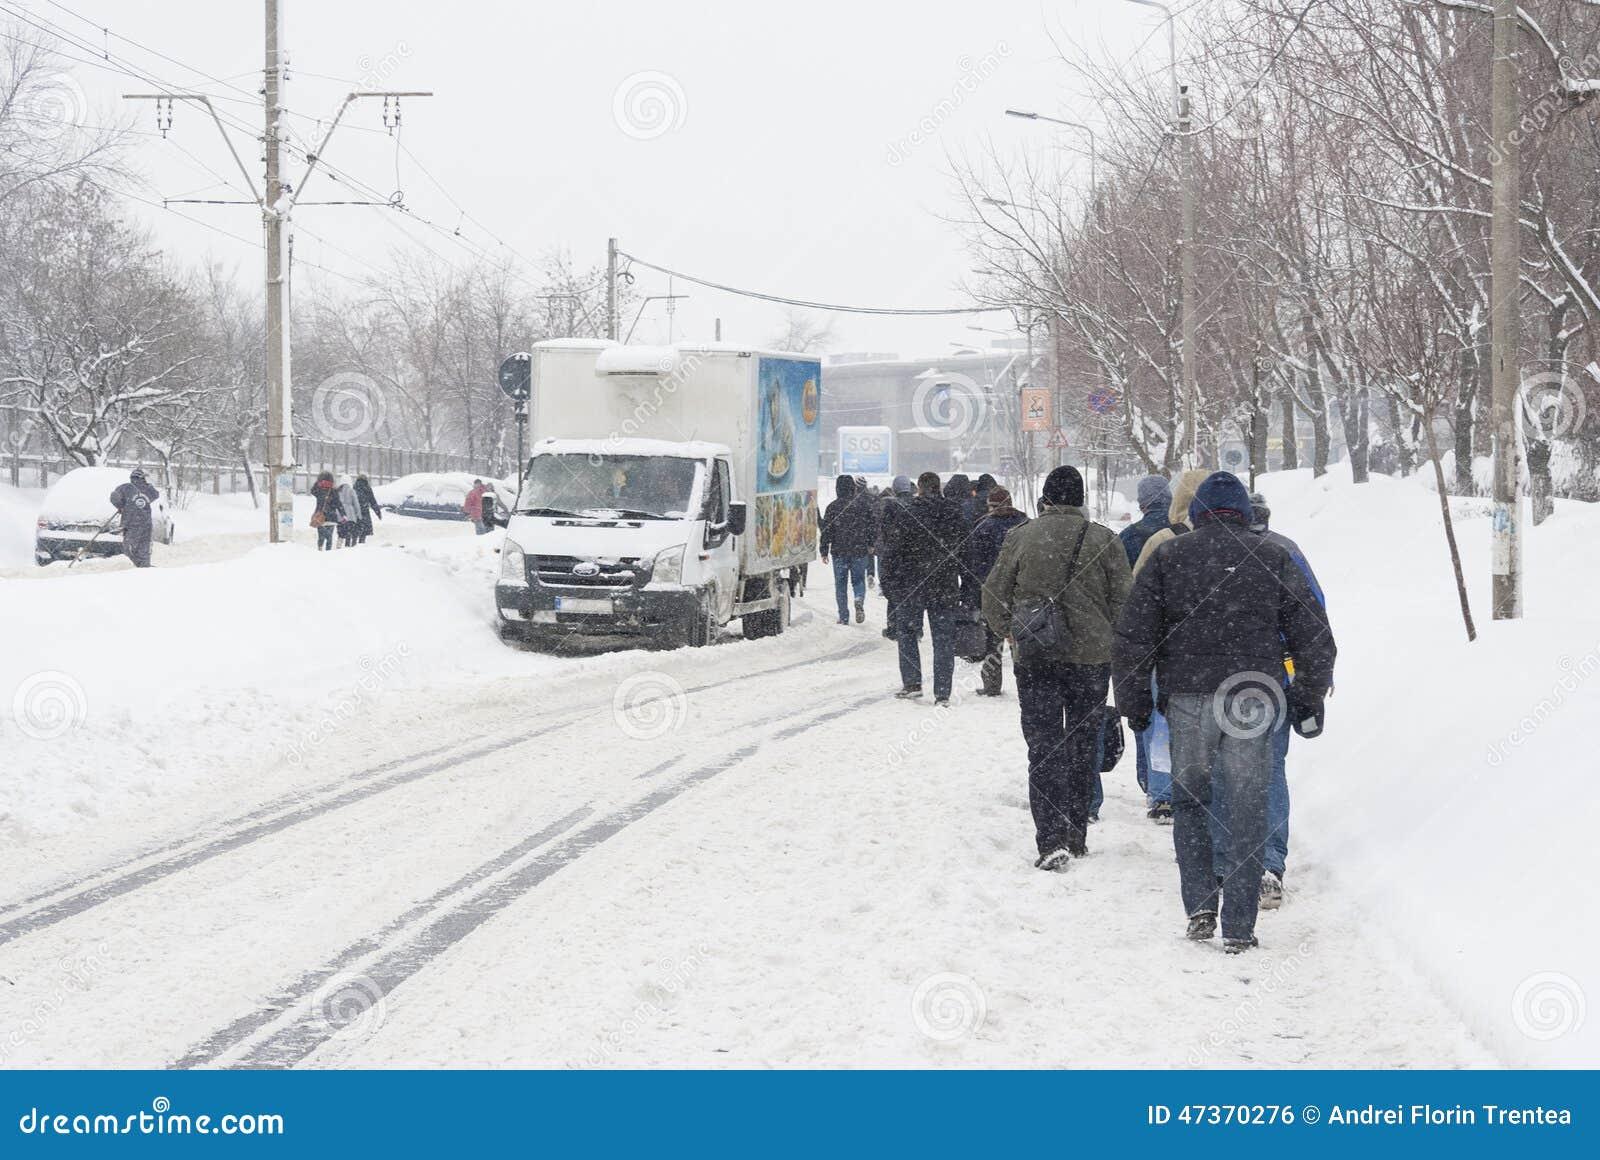 BOEKAREST - FEBRUARI 13: De zware sneeuwval van bijna 60 cm (2 voet) heeft op 13 Februari, 2012 het verkeer verlamd